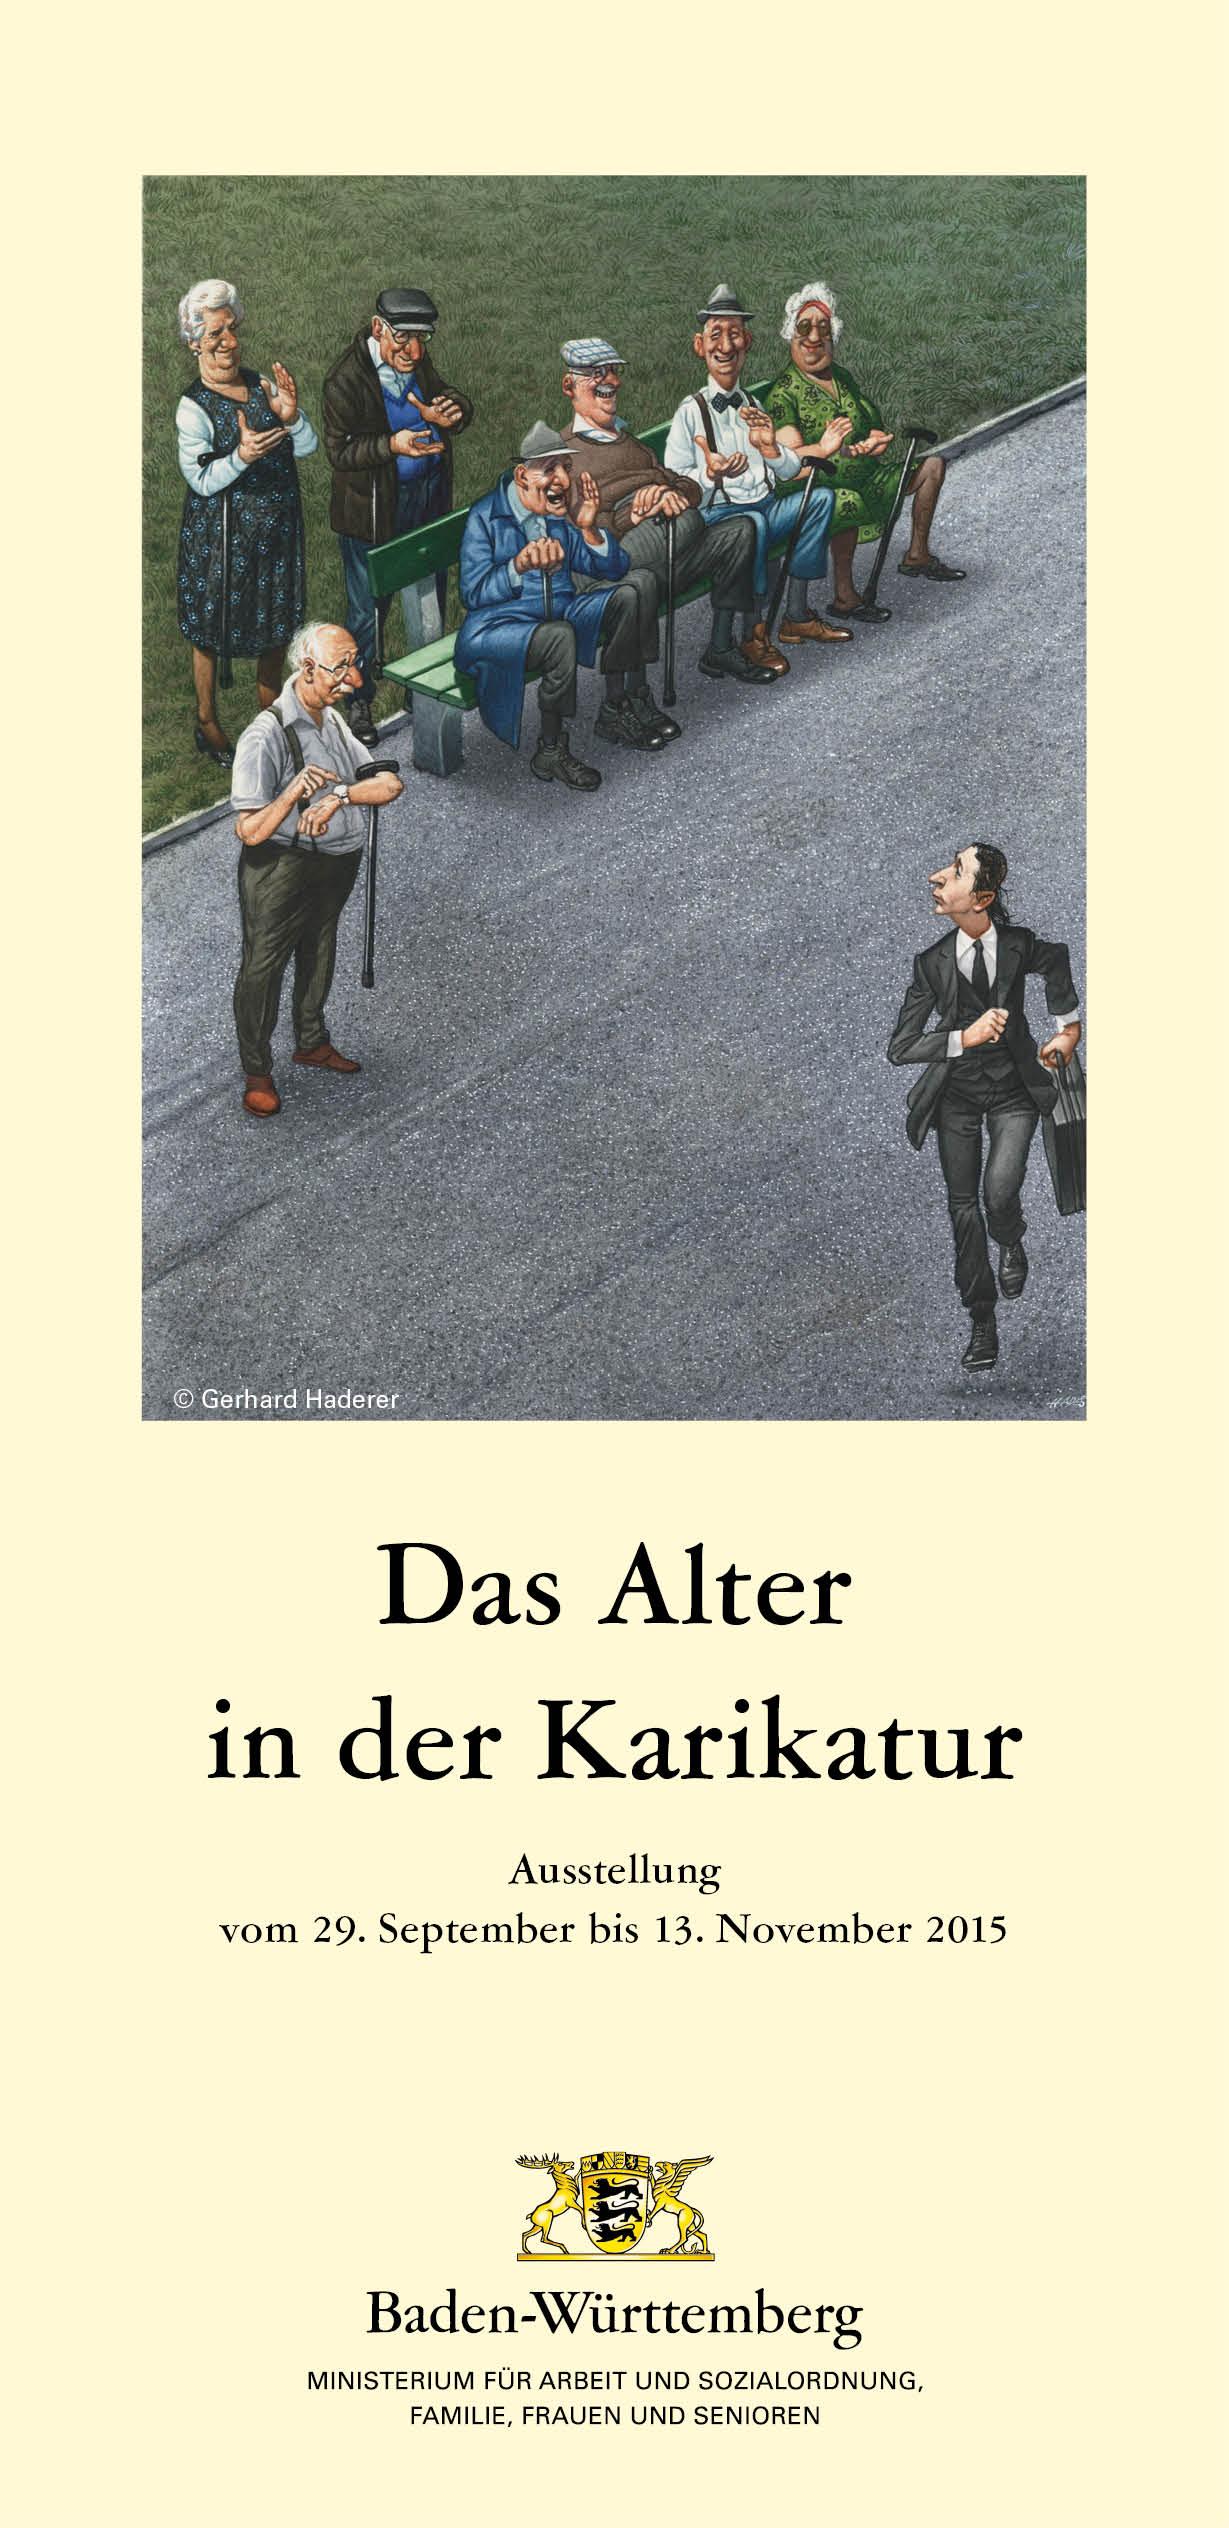 Einladung_Stuttgart Das_Alter_in_der_Karikatur_Polanski Seite 1